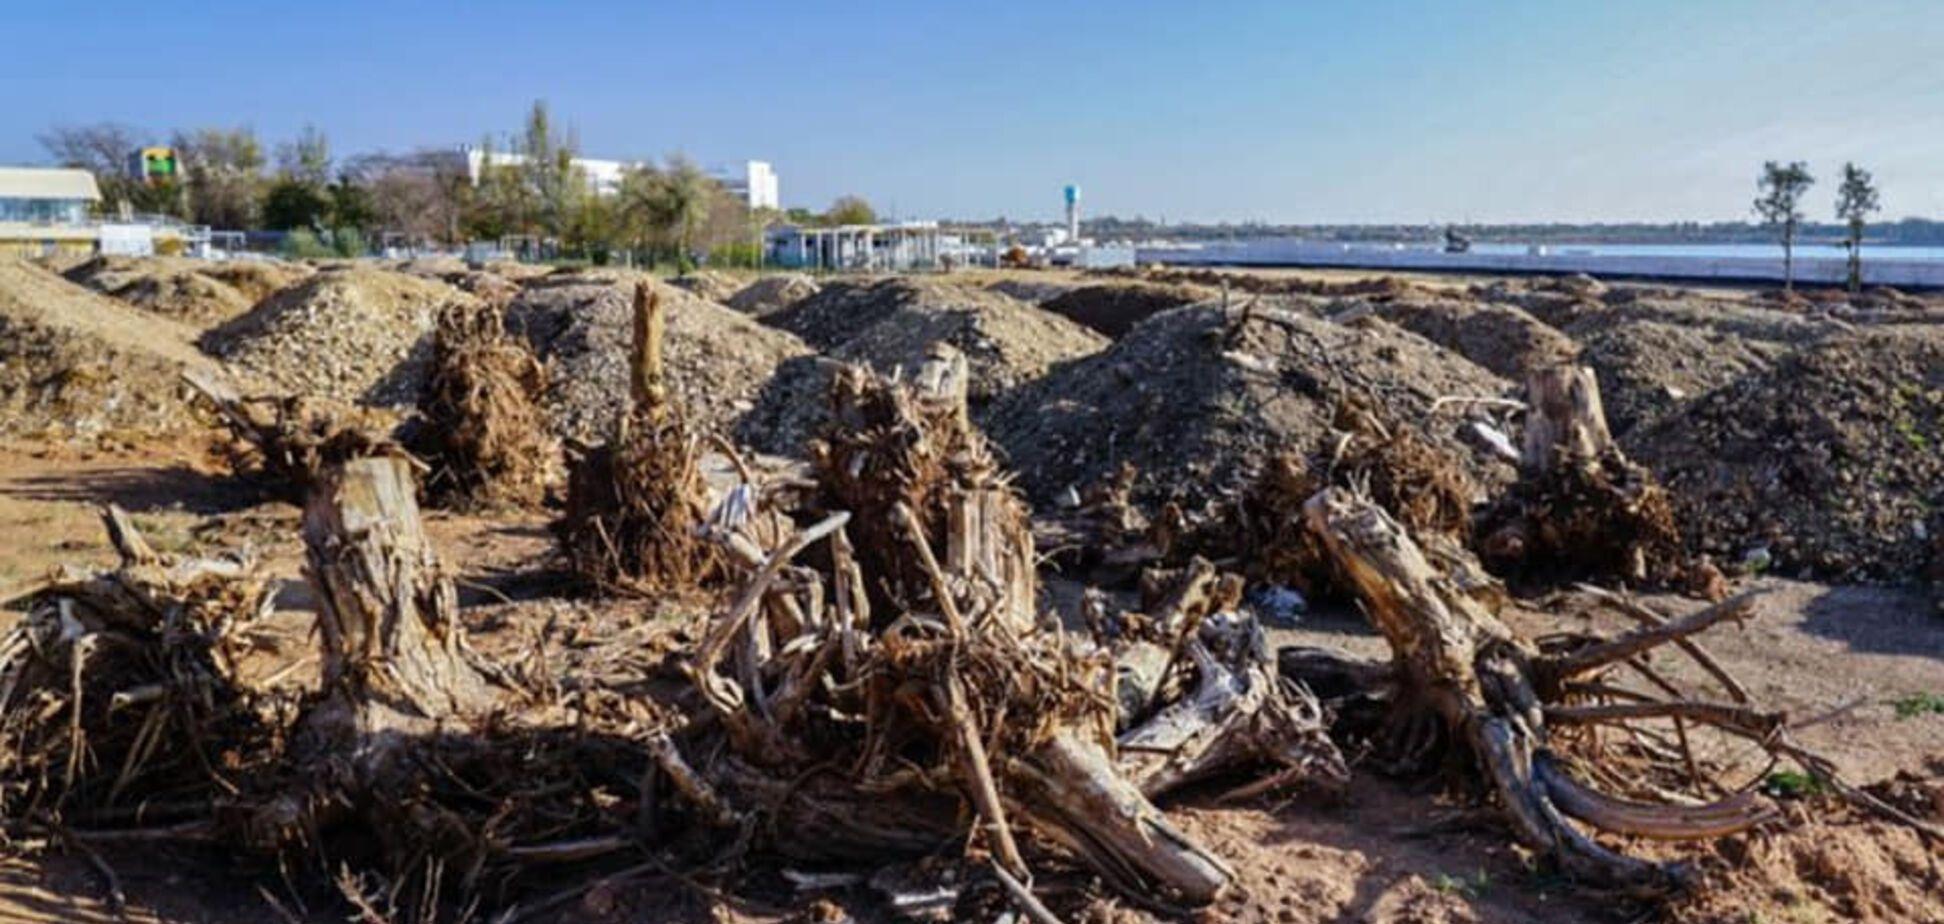 Крым настигло новое экологическое бедствие